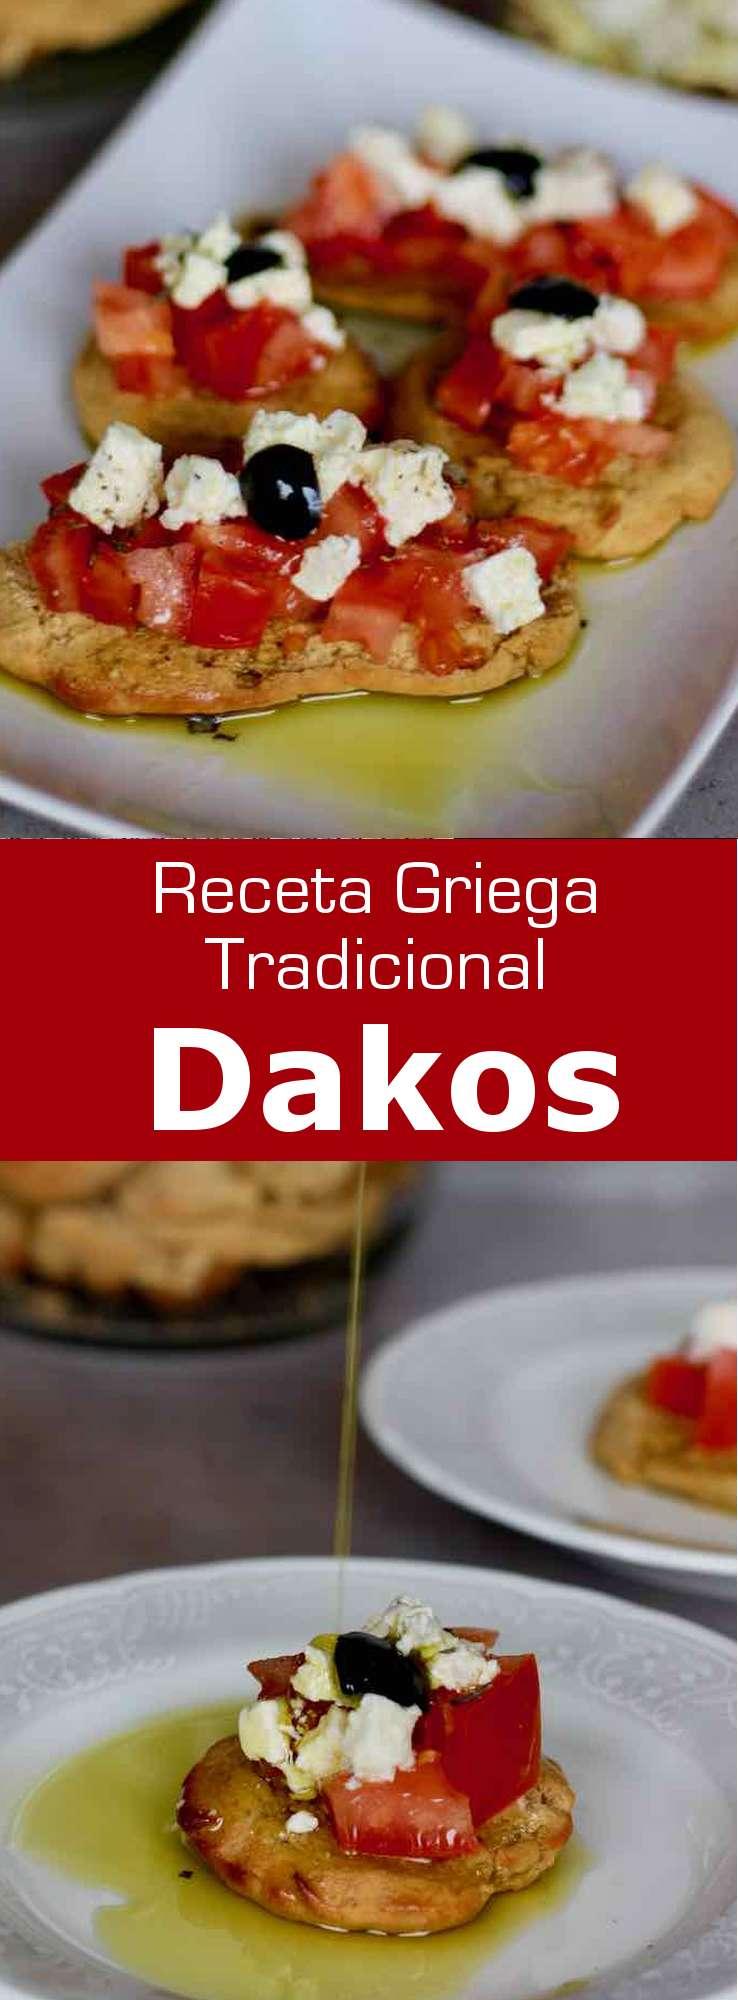 El dakos consiste en una rebanada de paximadi con tomate y queso feta o queso mizithra rociado con una generosa dosis de aceite de oliva virgen extra.